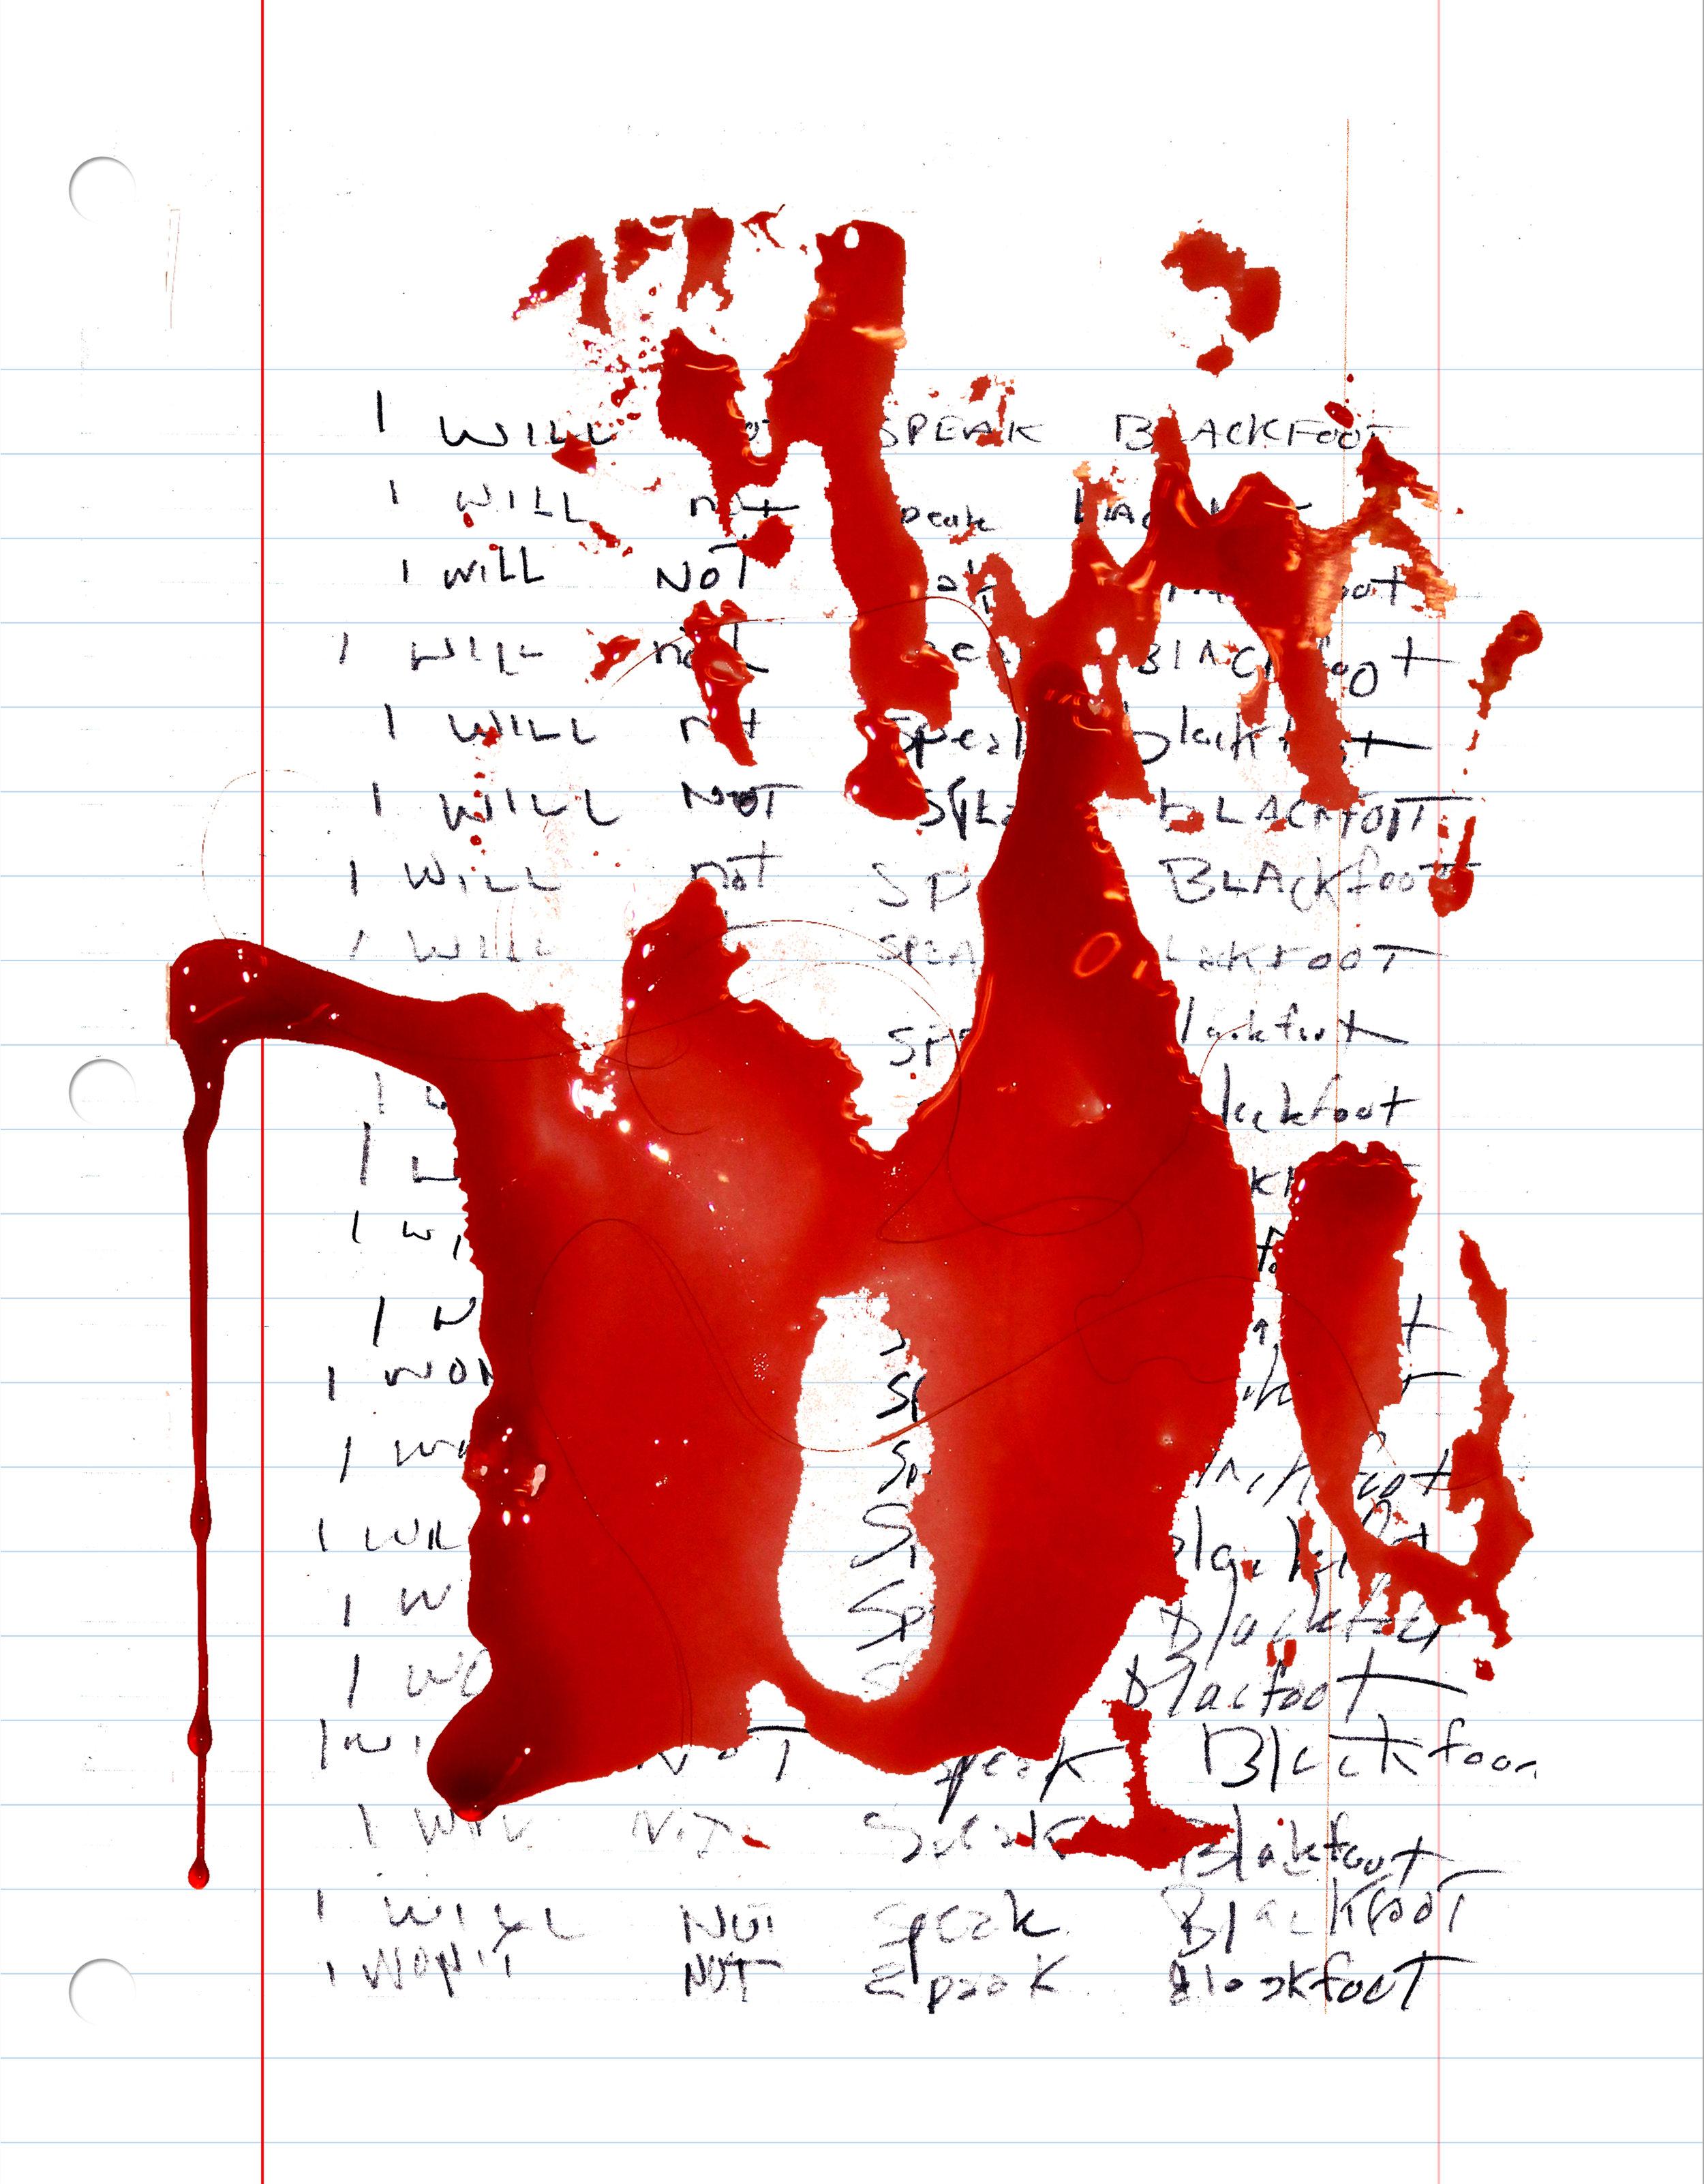 Bloody paper1 copy.jpg